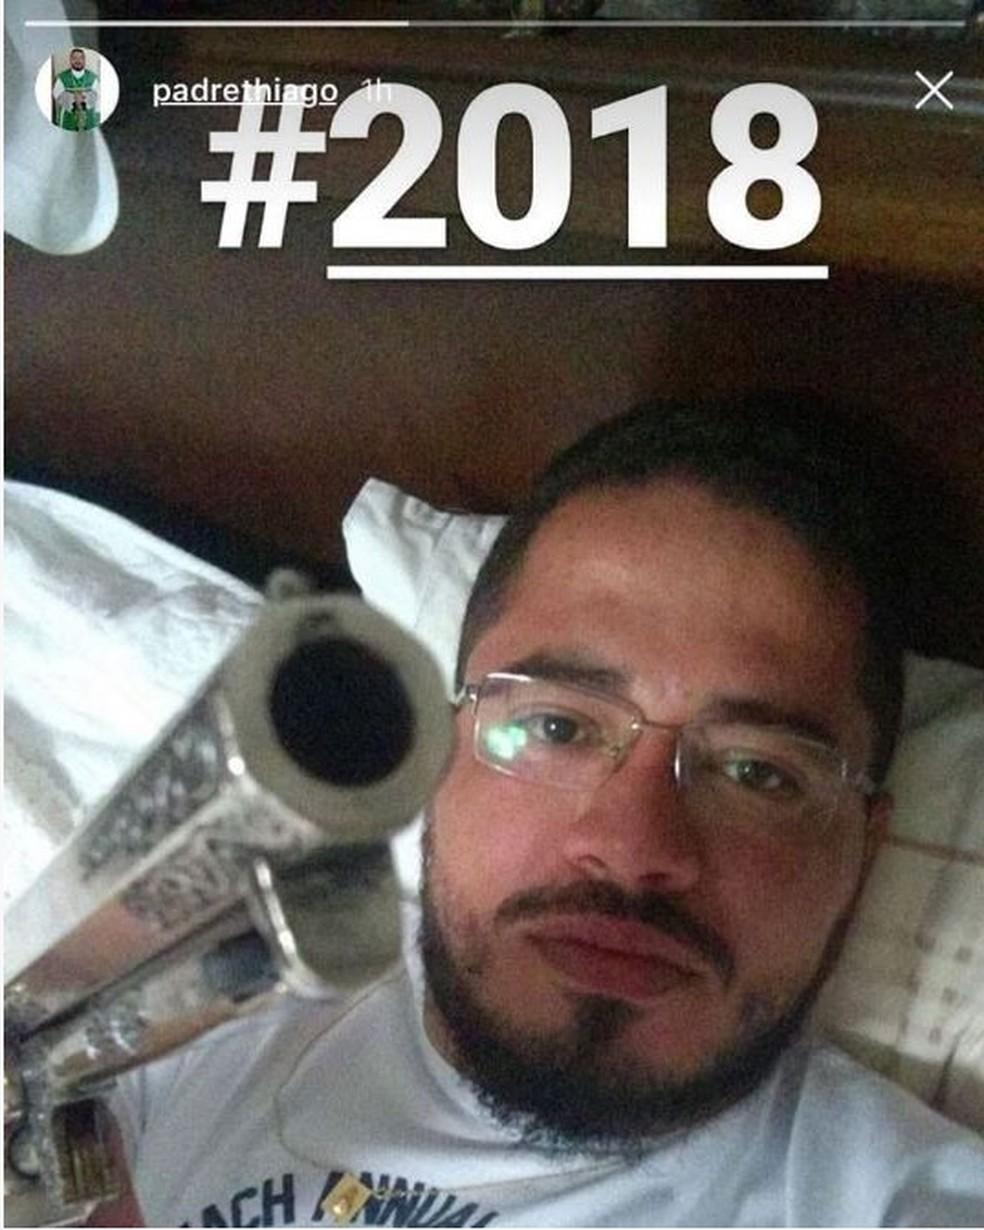 Padre Thiago Bruno com arma em foto publicada na internet (Foto: Reprodução)